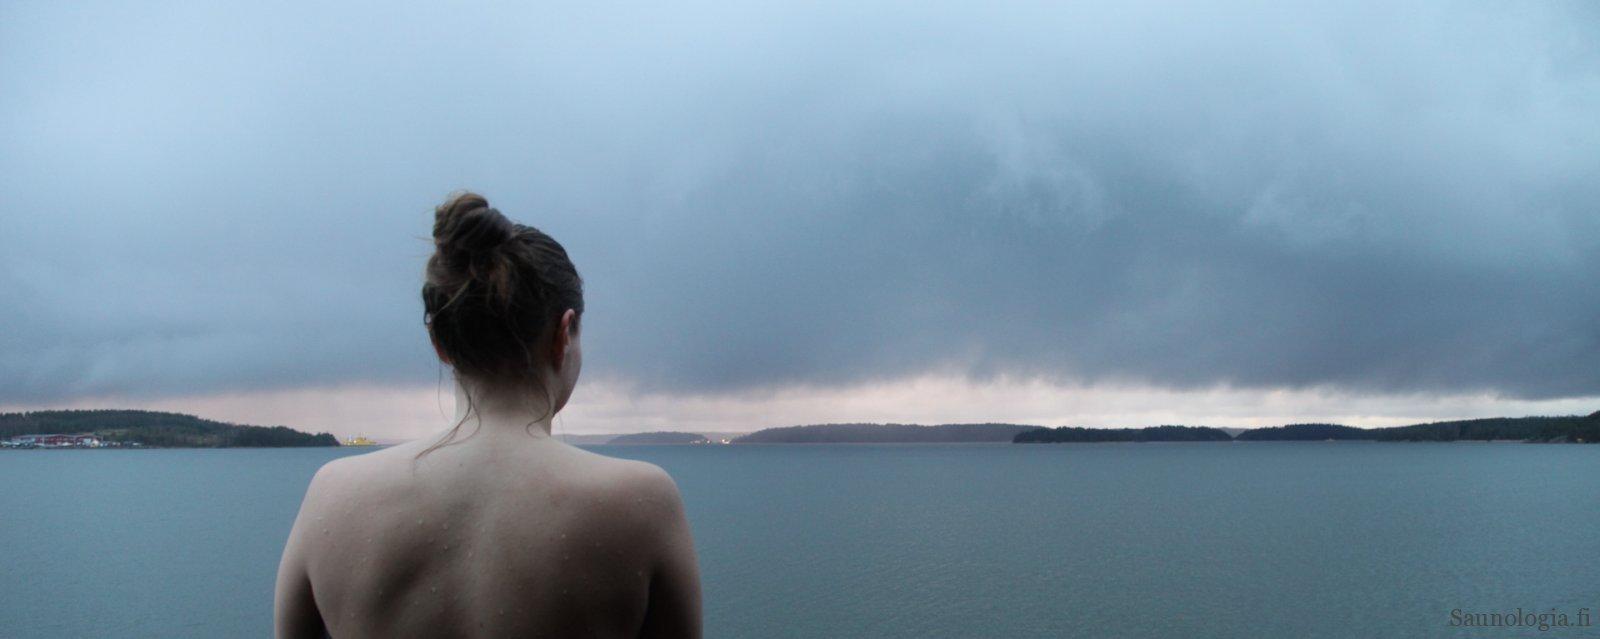 Saunarantti - Meri näkymä